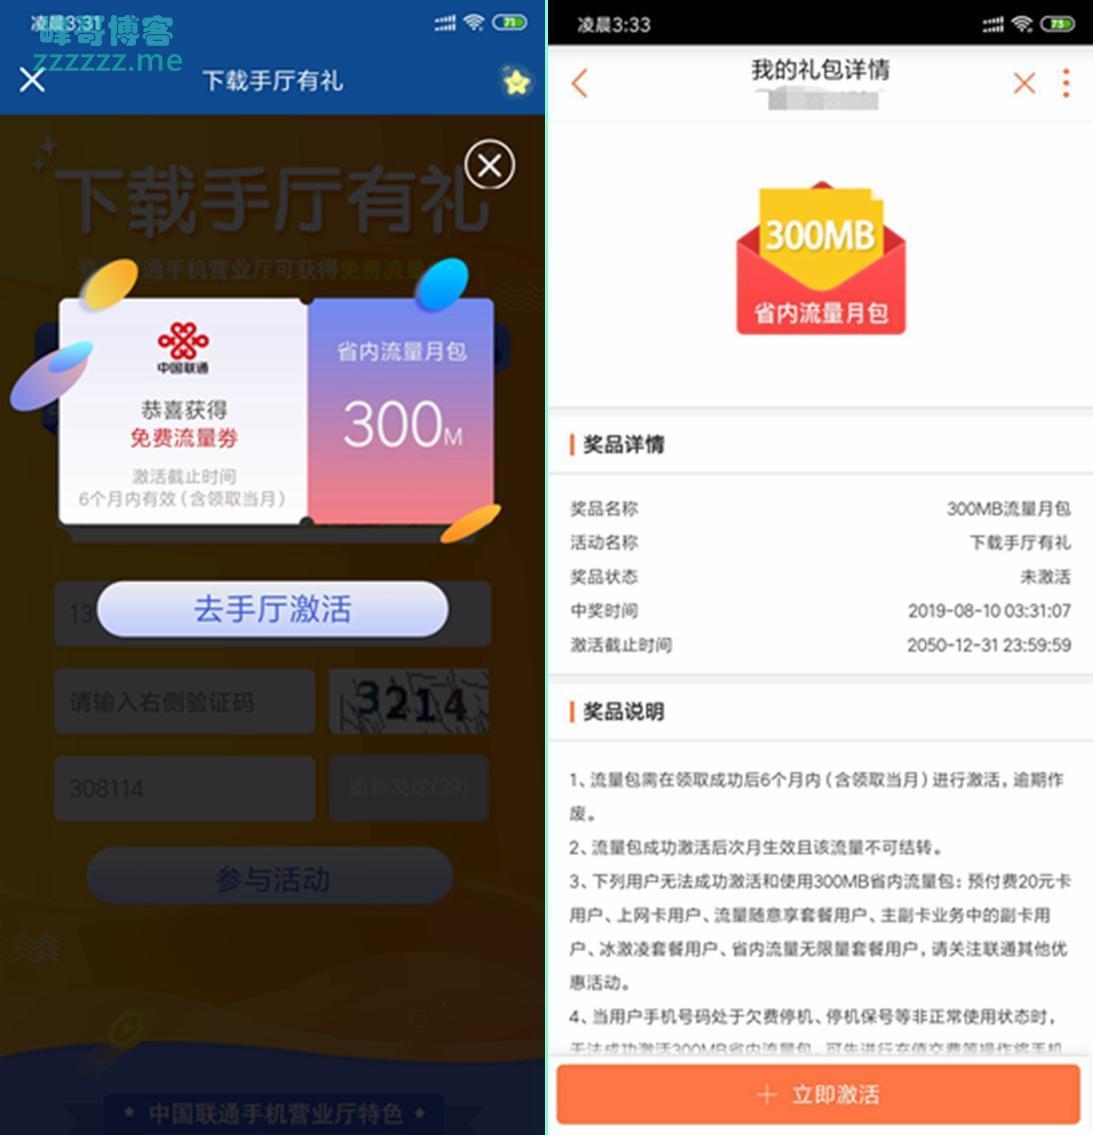 中国联通手机营业厅 不限新老用户领300M全国流量月包